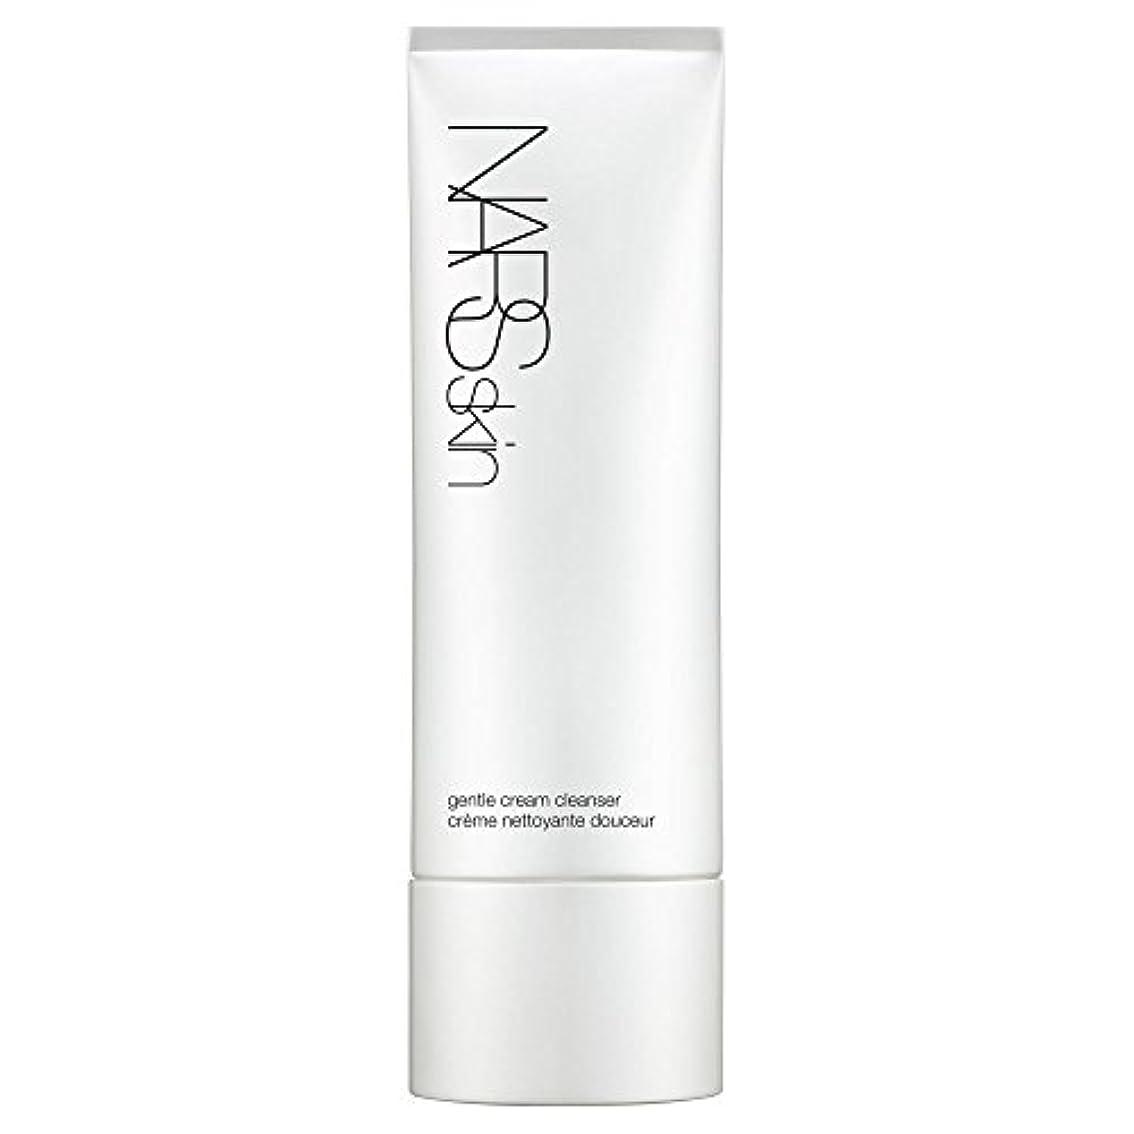 受ける地下鉄却下する[NARS] Narsskin優しいクリームクレンザー、125ミリリットル - Narsskin Gentle Cream Cleanser, 125ml [並行輸入品]